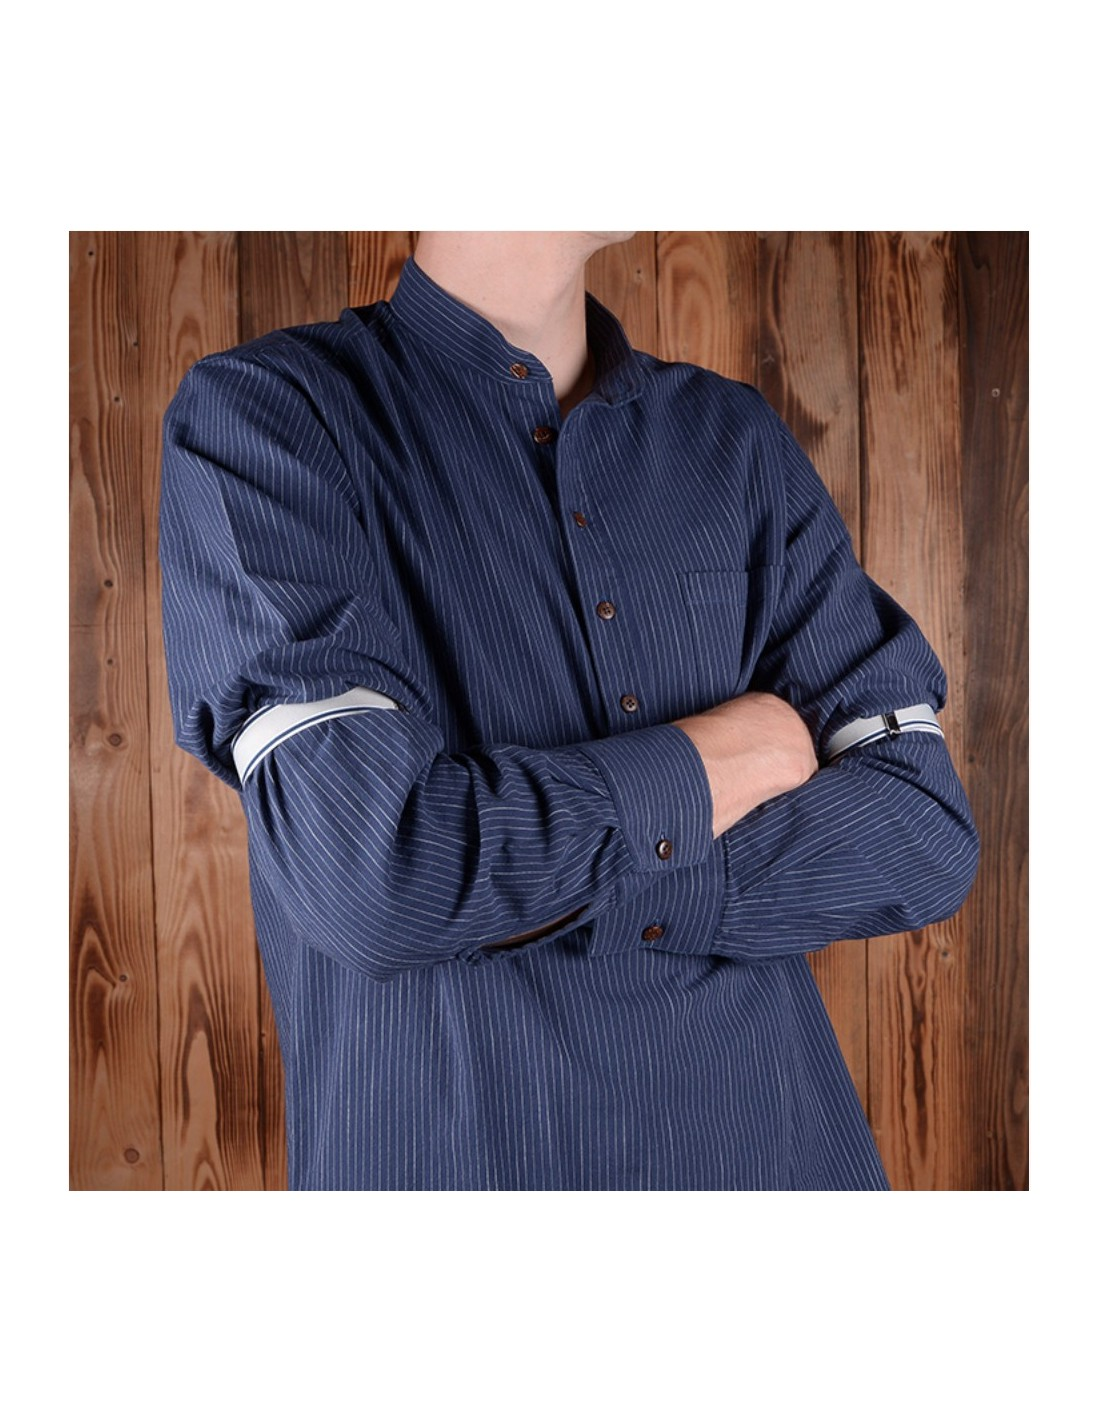 Tour de bras retro pour chemise - 1923 Sleeve Holder blue